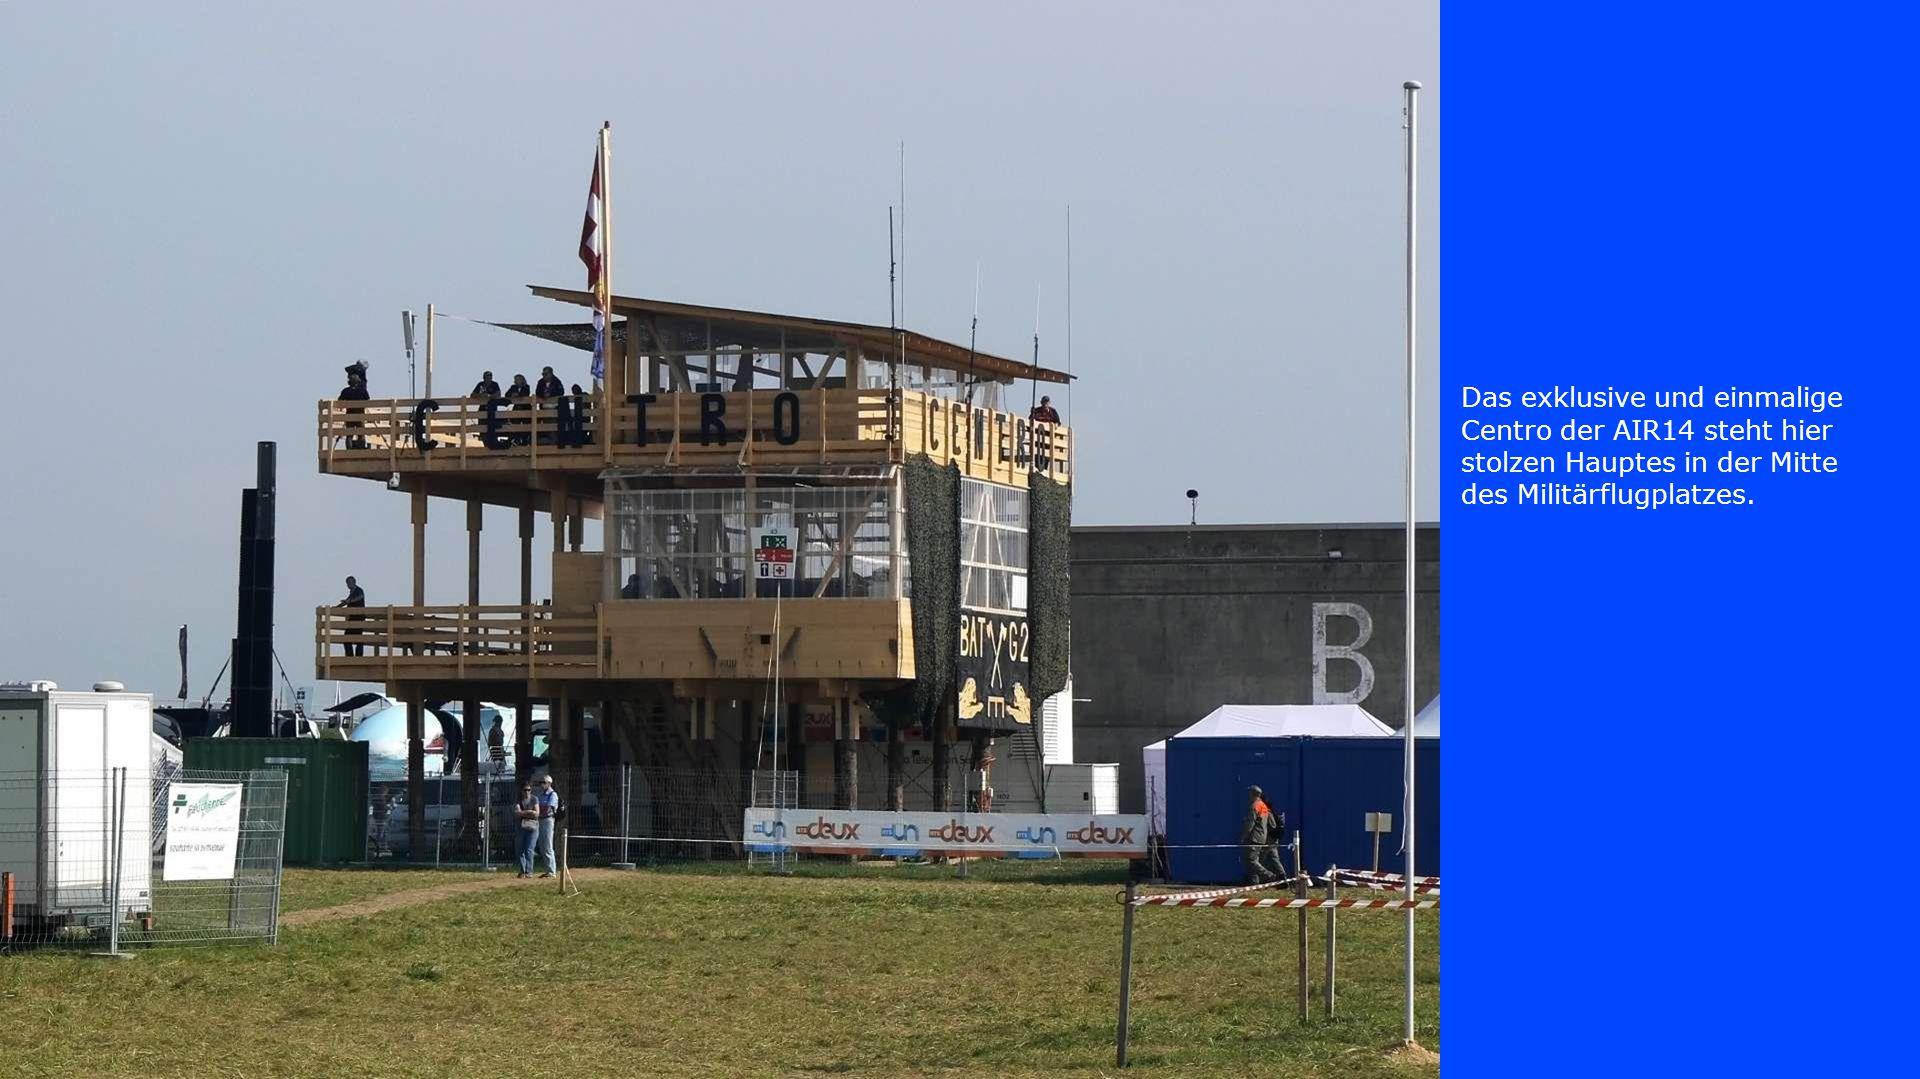 Das exklusive und einmalige Centro der AIR14 steht hier stolzen Hauptes in der Mitte des Militärflugplatzes.